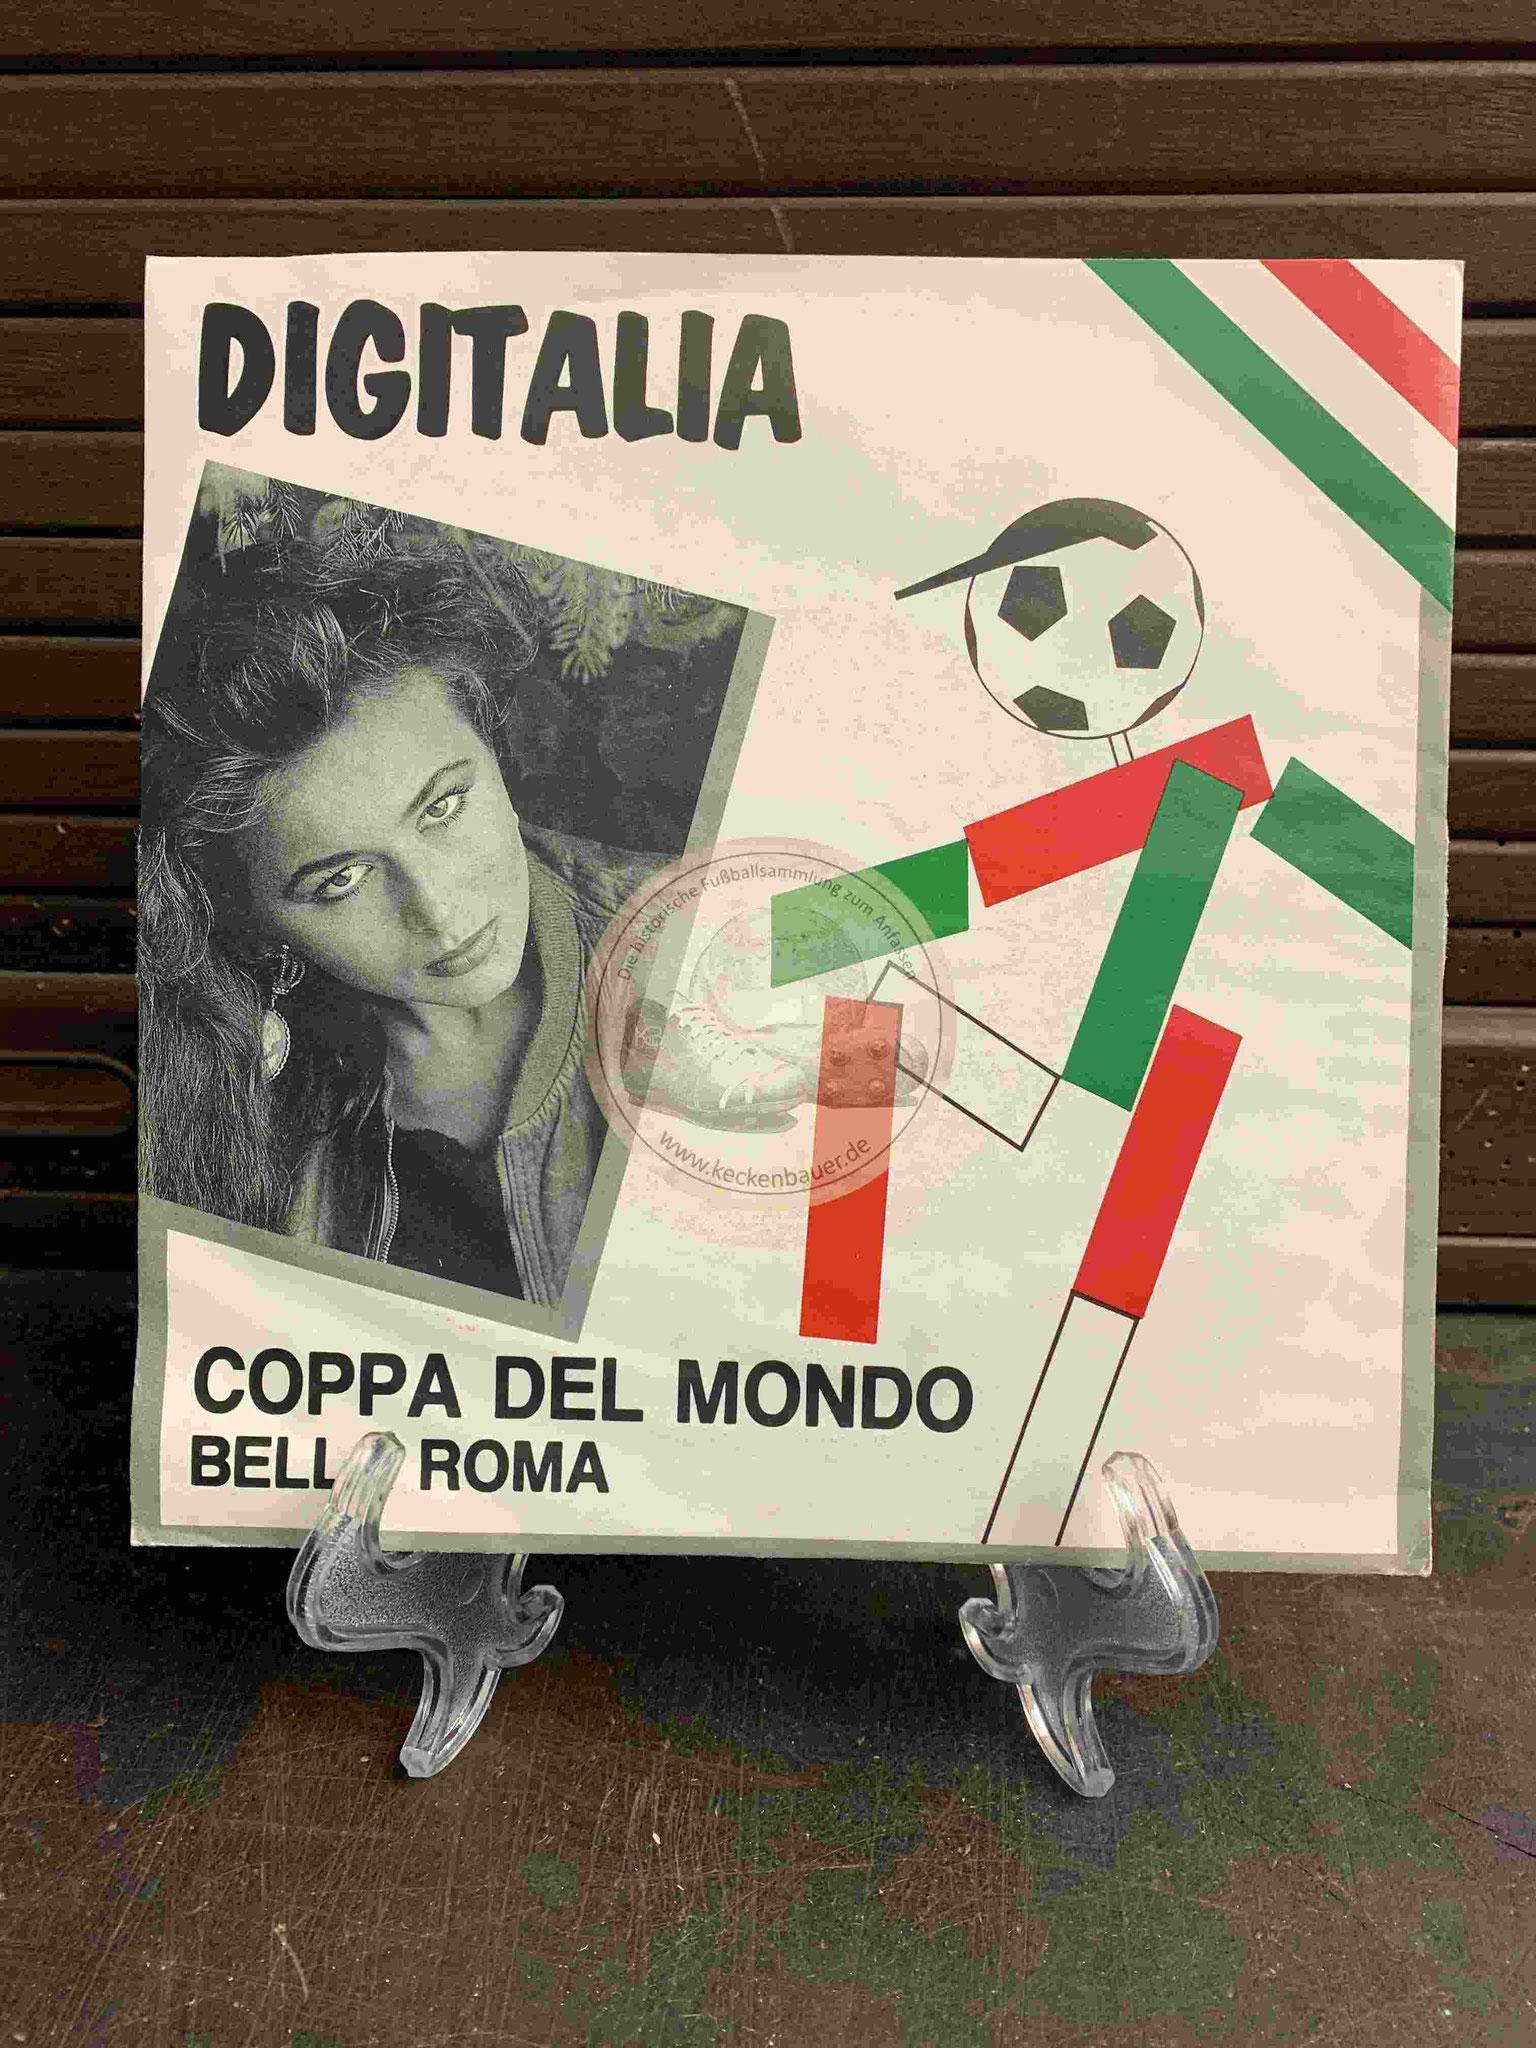 1990 Digitalia Coppa Del Mondo Bella Roma